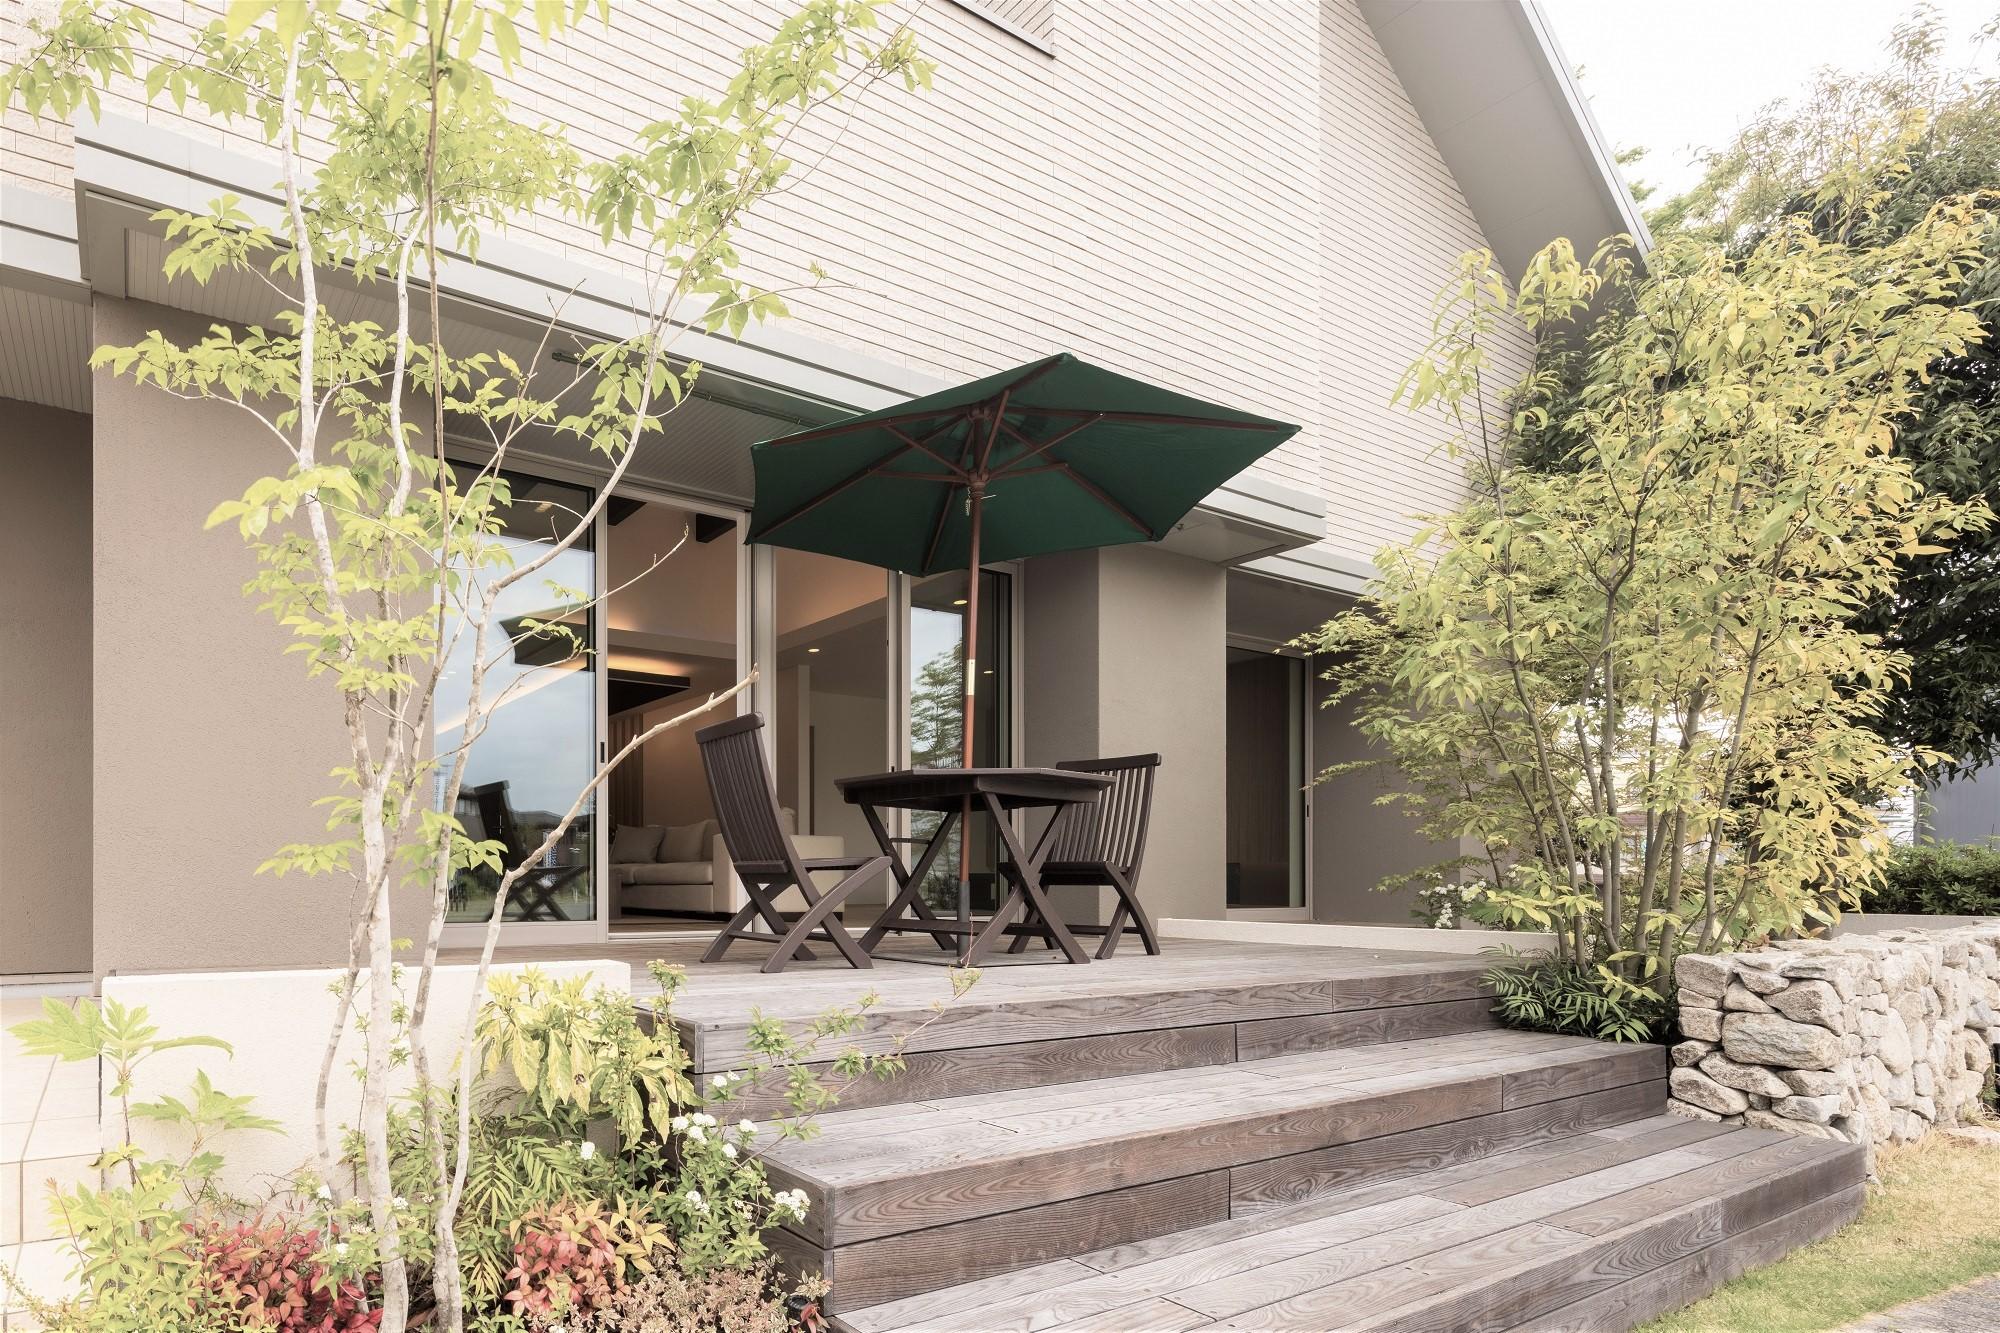 LDKから繋がるデッキは木々に囲まれ季節の移ろいを感じられます。天気が良い日にはカフェタイムやバーベキューなど、お家時間を豊かにしてくれます。